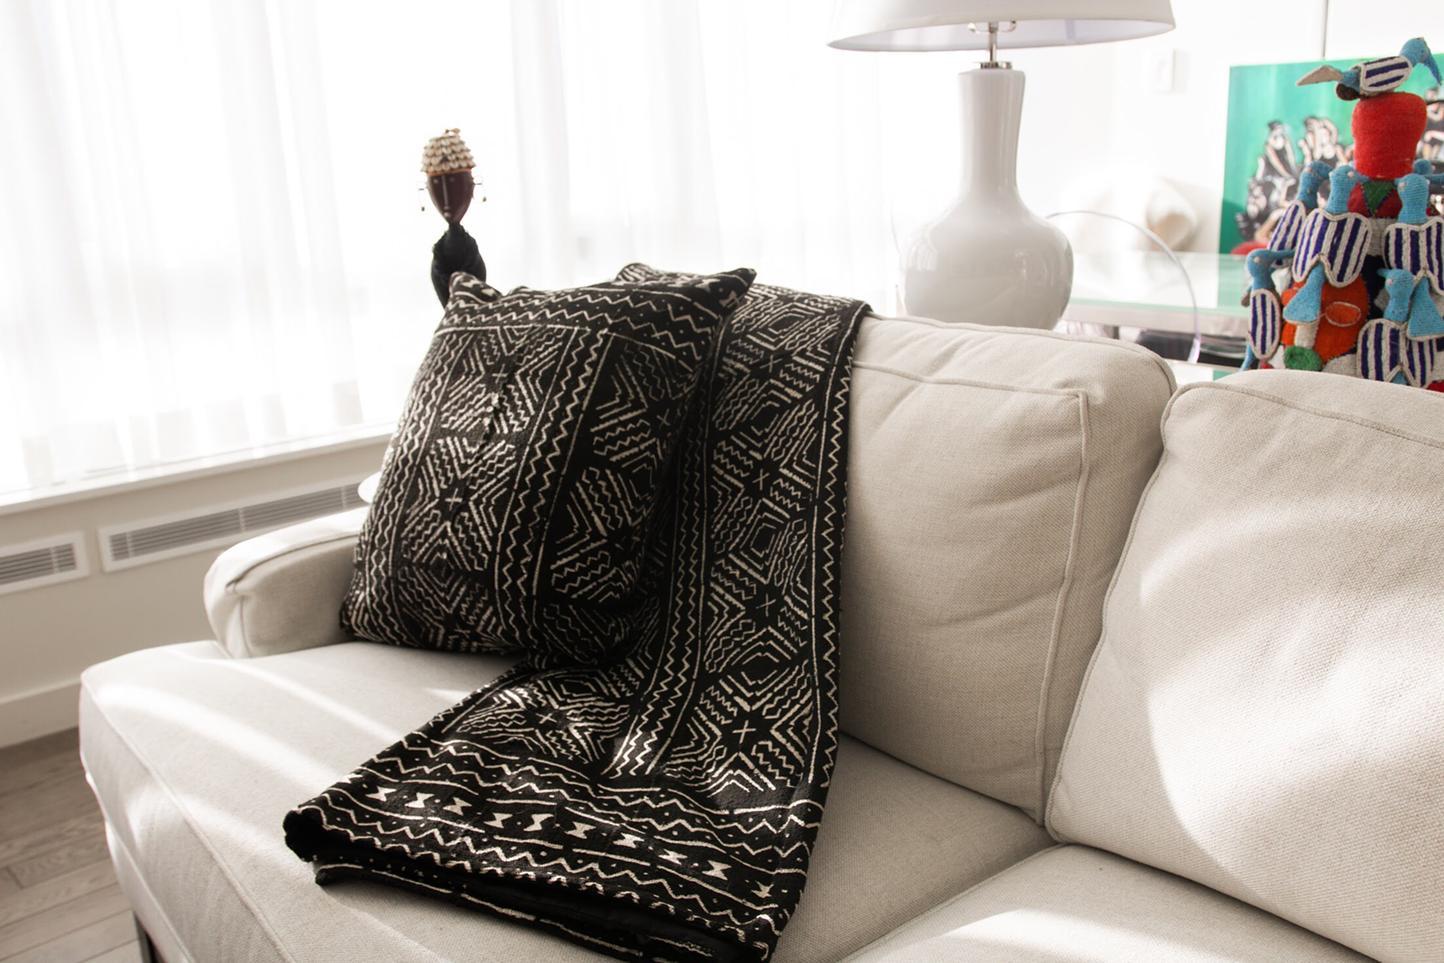 af94f88c953 Upstate-Based Online Boutique Adolophine Sells African Crafts Direct ...